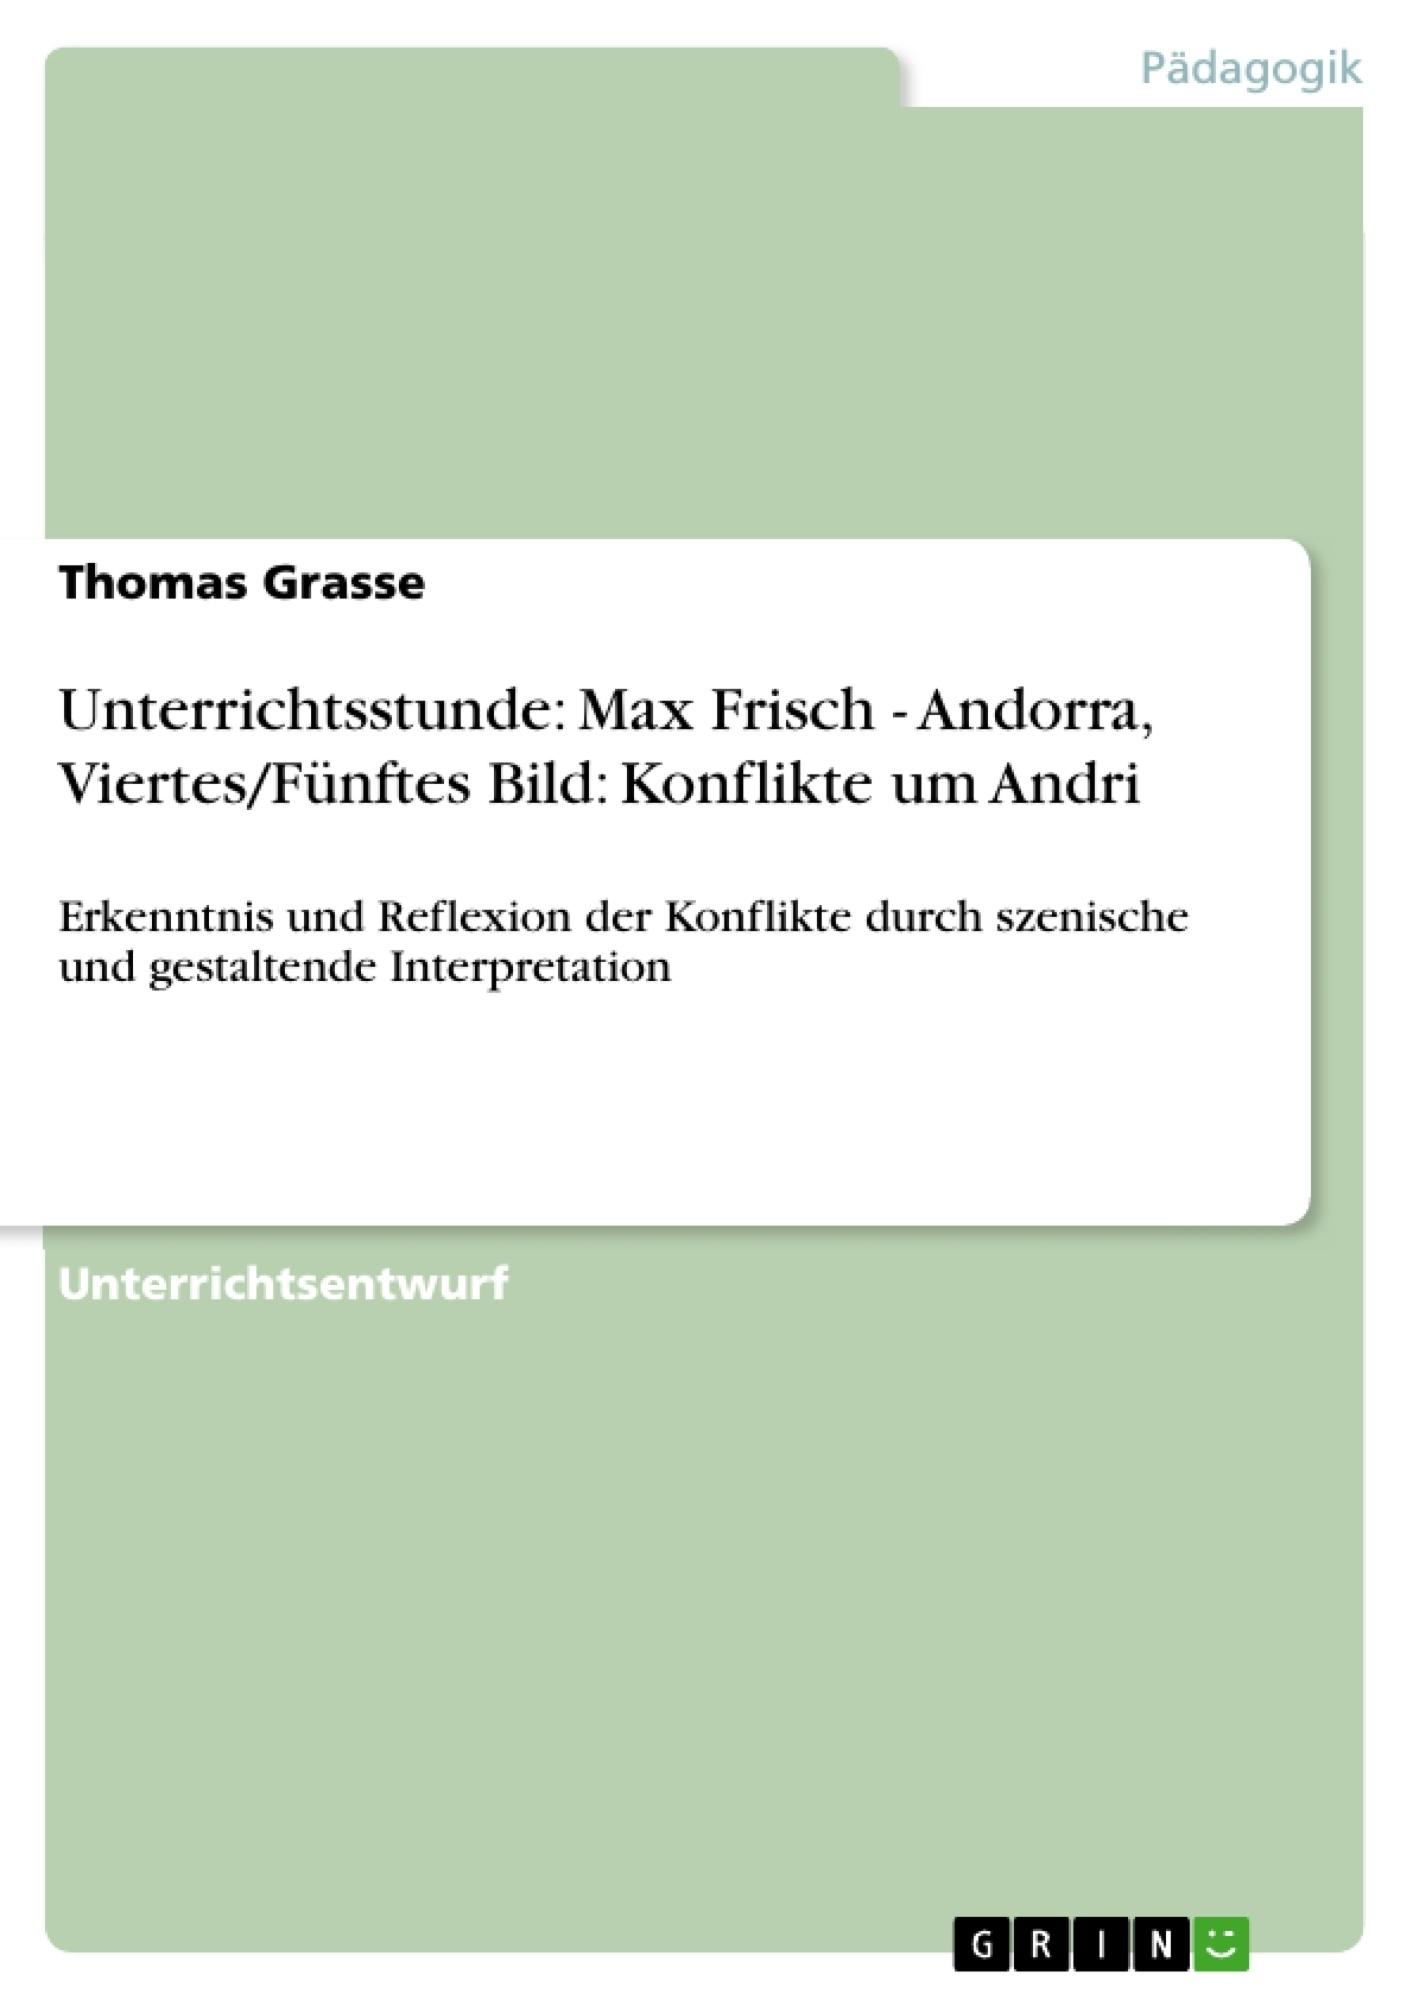 Titel: Unterrichtsstunde: Max Frisch - Andorra, Viertes/Fünftes Bild: Konflikte um Andri